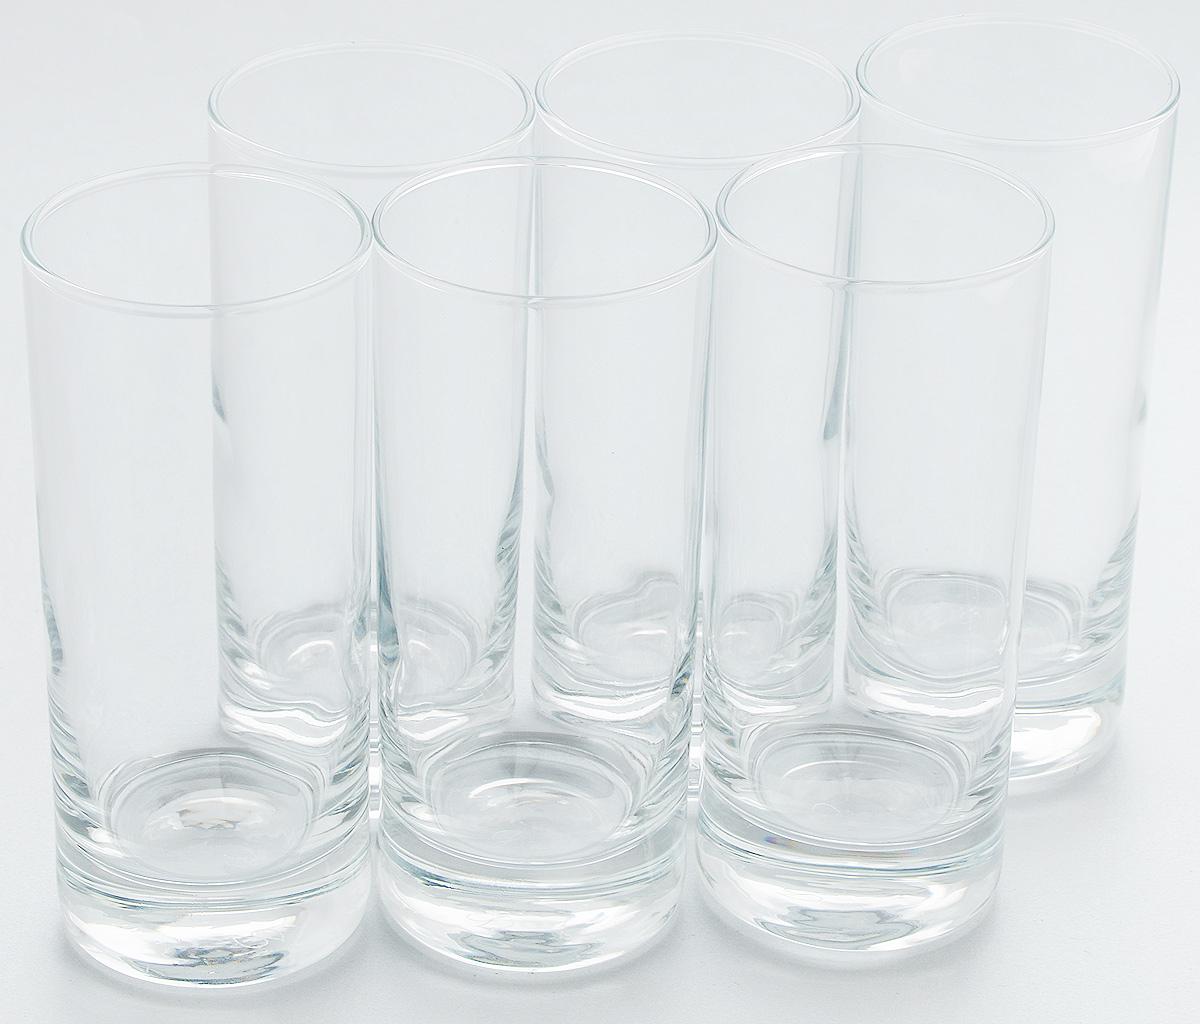 Набор стаканов Pasabahce Side, 290 мл, 6 шт. 42439BVT-1520(SR)Набор Pasabahce состоит из шести стаканов, выполненных из натрий-кальций-силикатного стекла. Изделия предназначены для подачи сока, воды, компота и другихнапитков. Такие стаканы станут идеальным украшением праздничного стола и отличным подарком к любомупразднику.Высота стакана: 15 см.